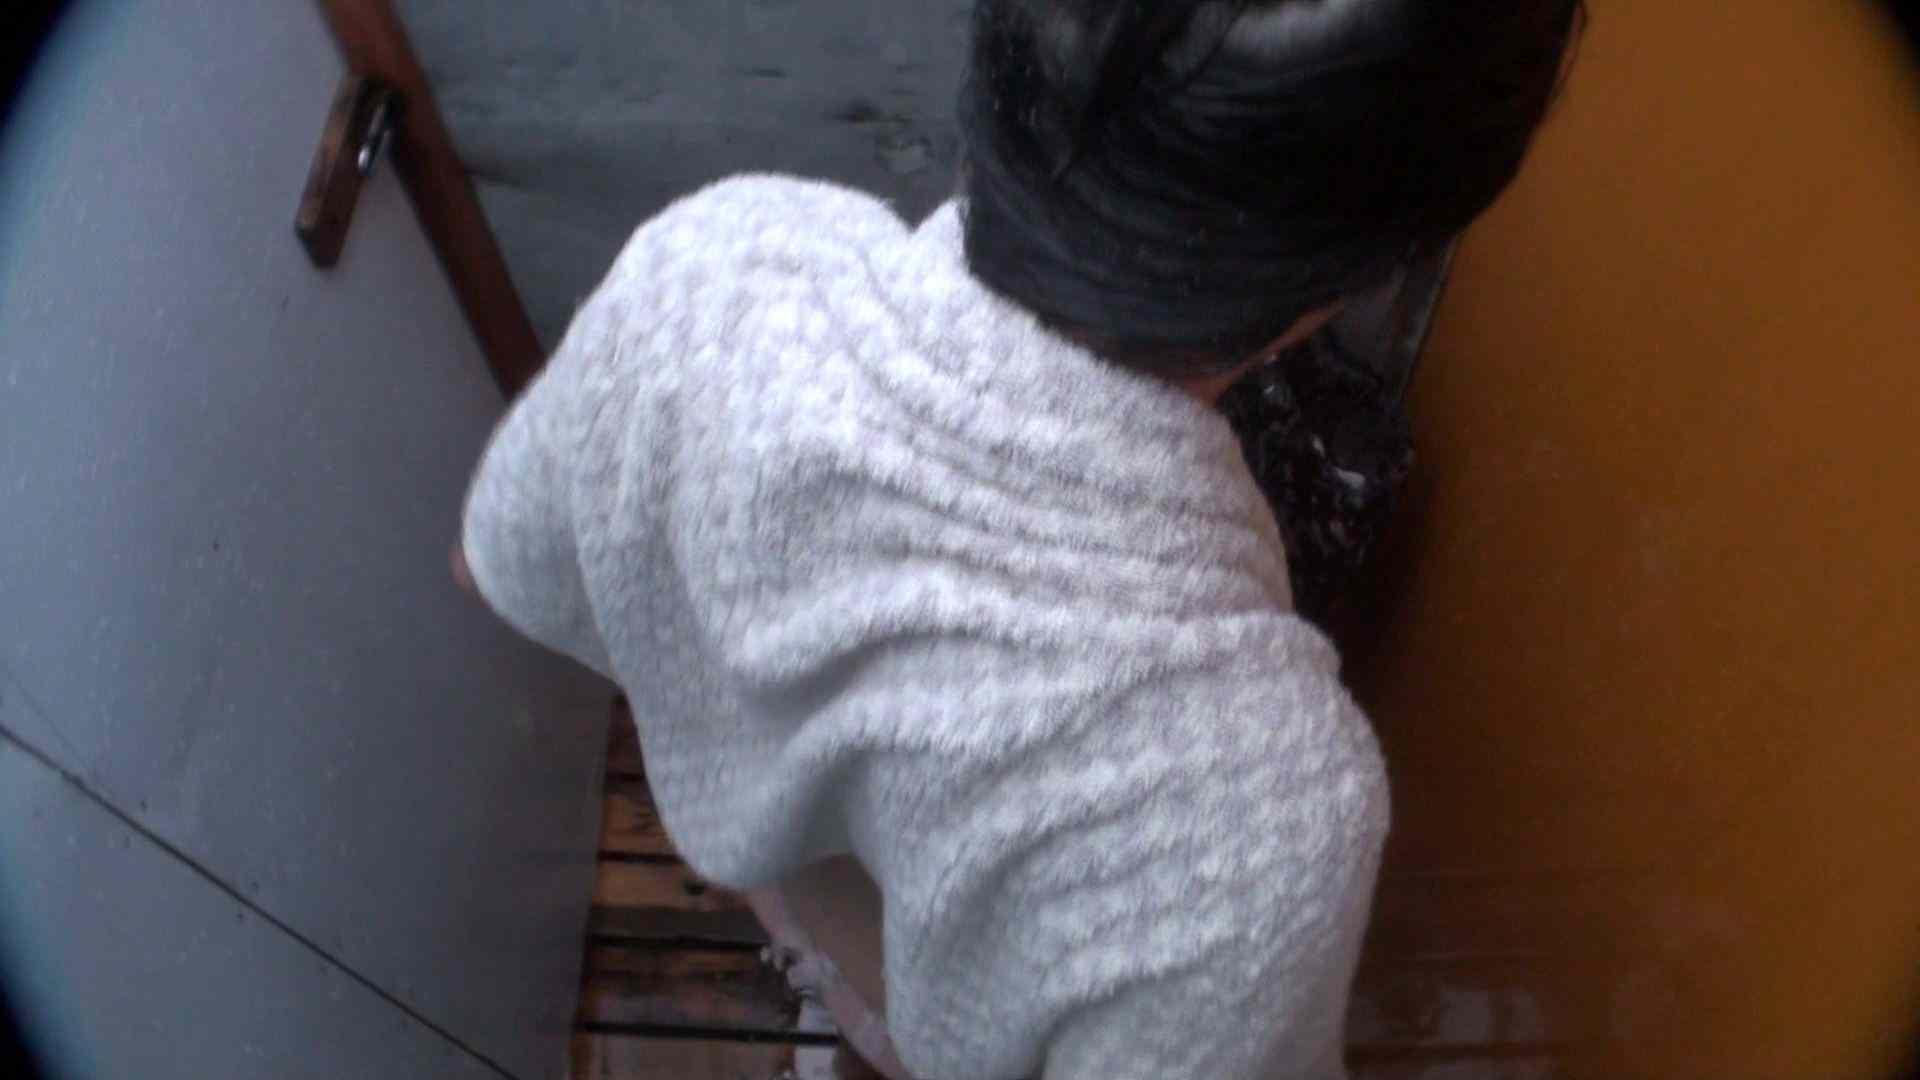 シャワールームは超!!危険な香りVol.21 オメメぱっちり貧乳ギャル鼻くそほじっても可愛いです 脱衣所の着替え  57画像 40